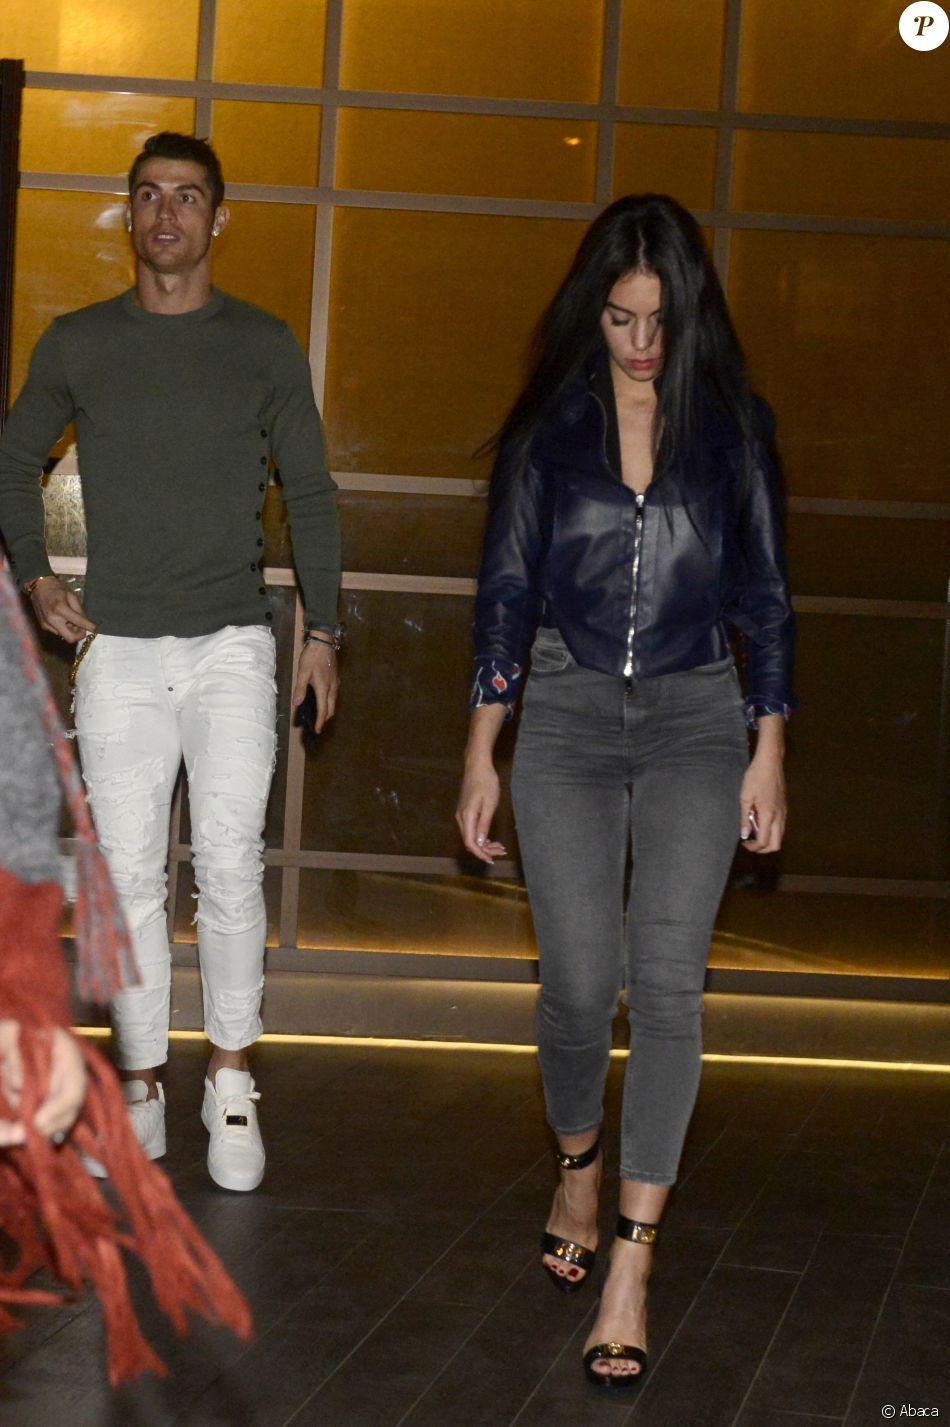 Cristiano Ronaldo et Georgina Rodriguez de sortie pour le dîner, le 8 mars 2017 à Madrid.